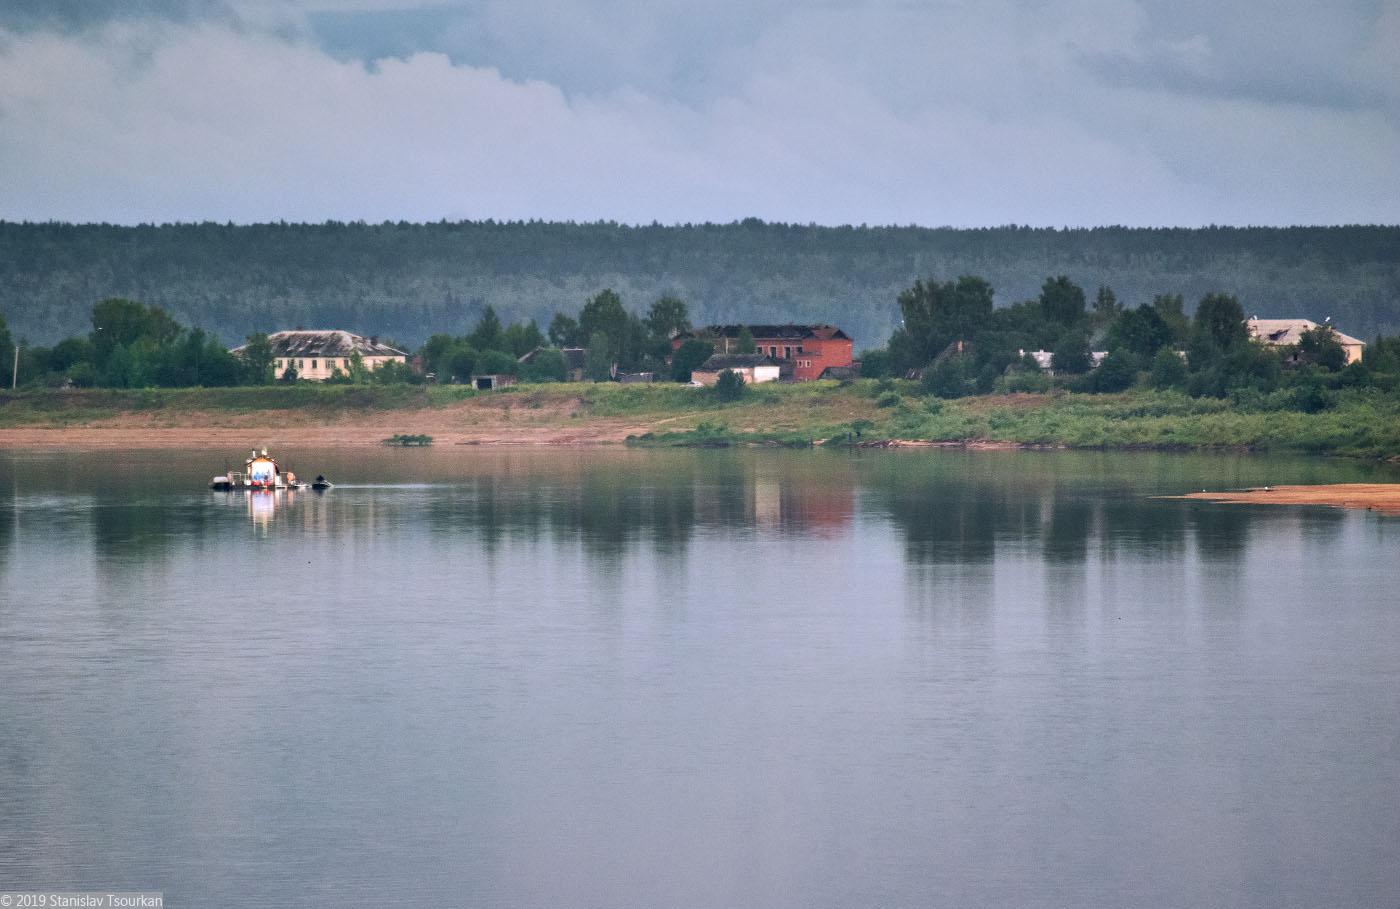 Вологодская область, Вологодчина, Великий Устюг, Русский север, Сухона